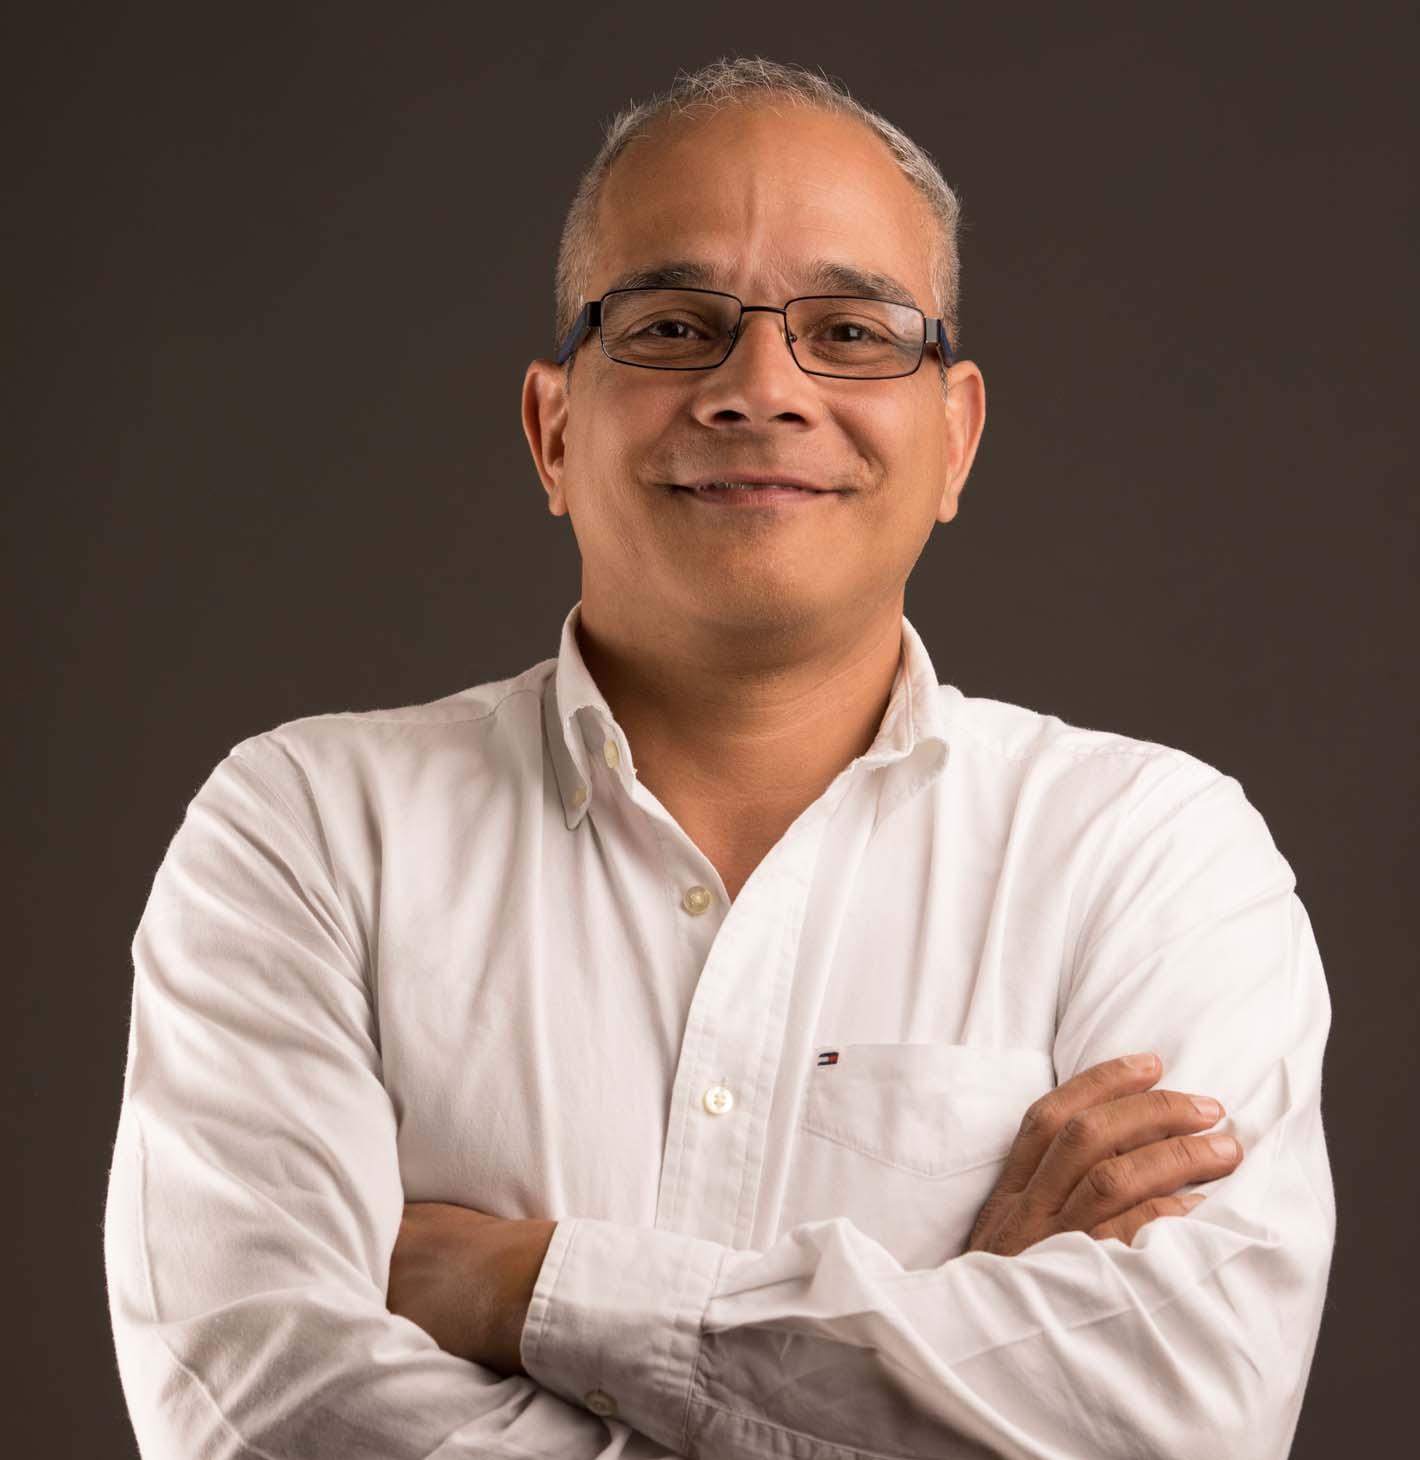 Gustavo Moreno es uno de Nuestros Agentes Inmobiliarios Promova